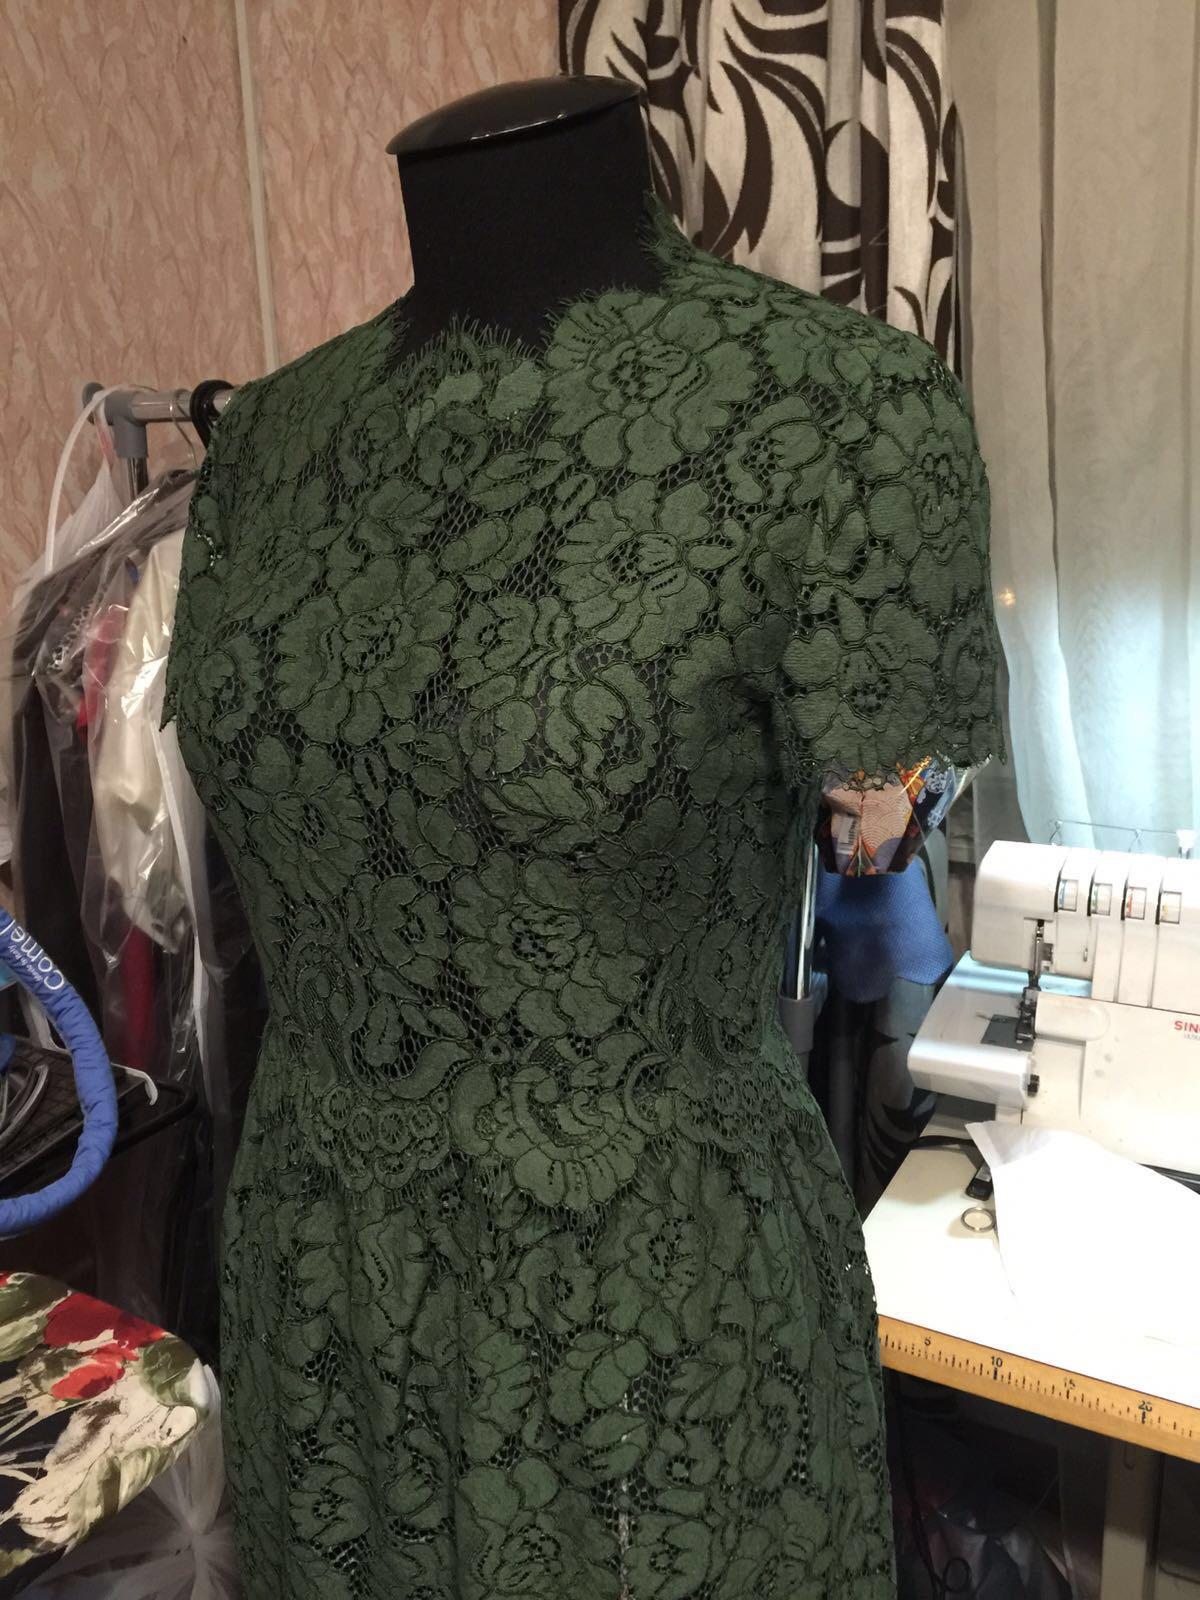 efb33fc6869 Swetulekk в своем альбоме показывает кружевное платье